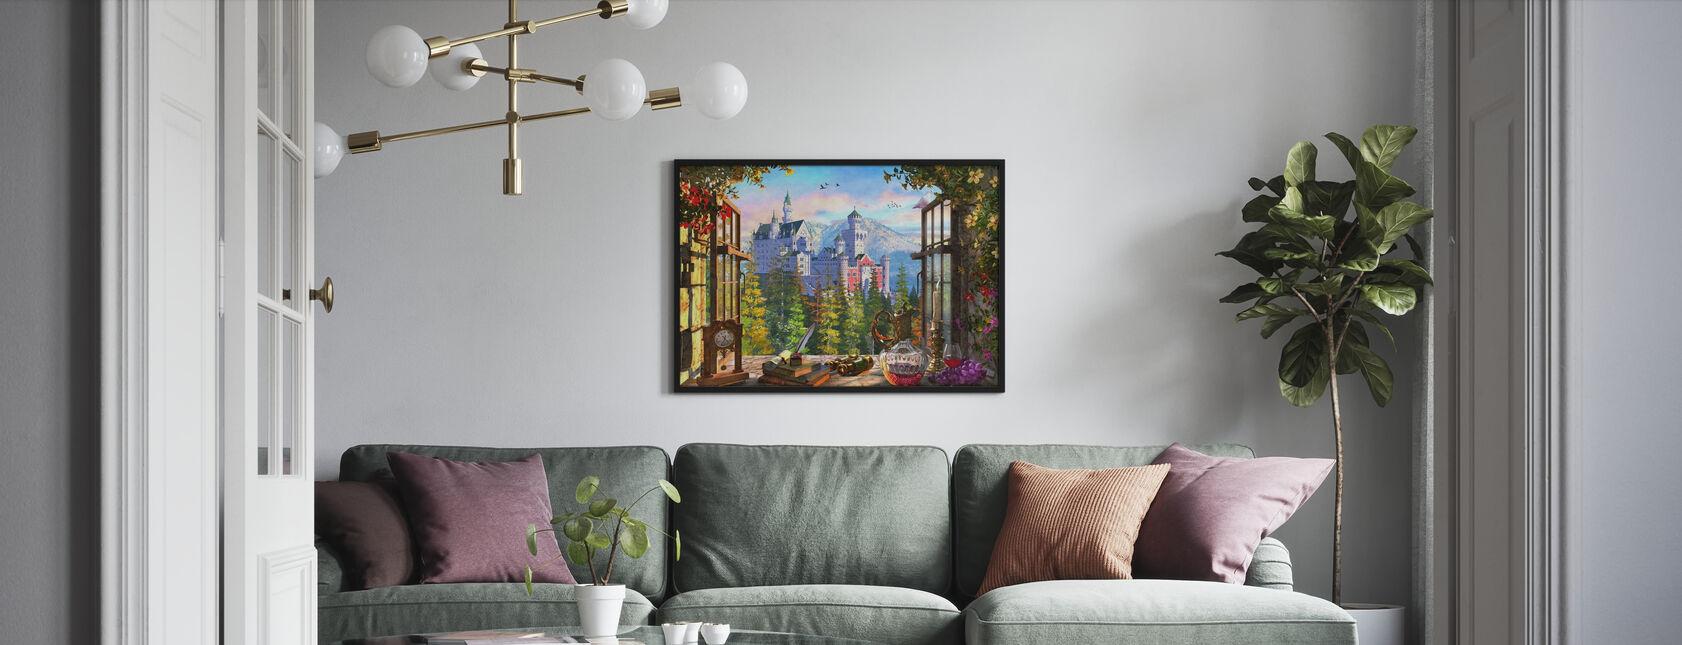 Vuoren linna ikkunan läpi - Kehystetty kuva - Olohuone